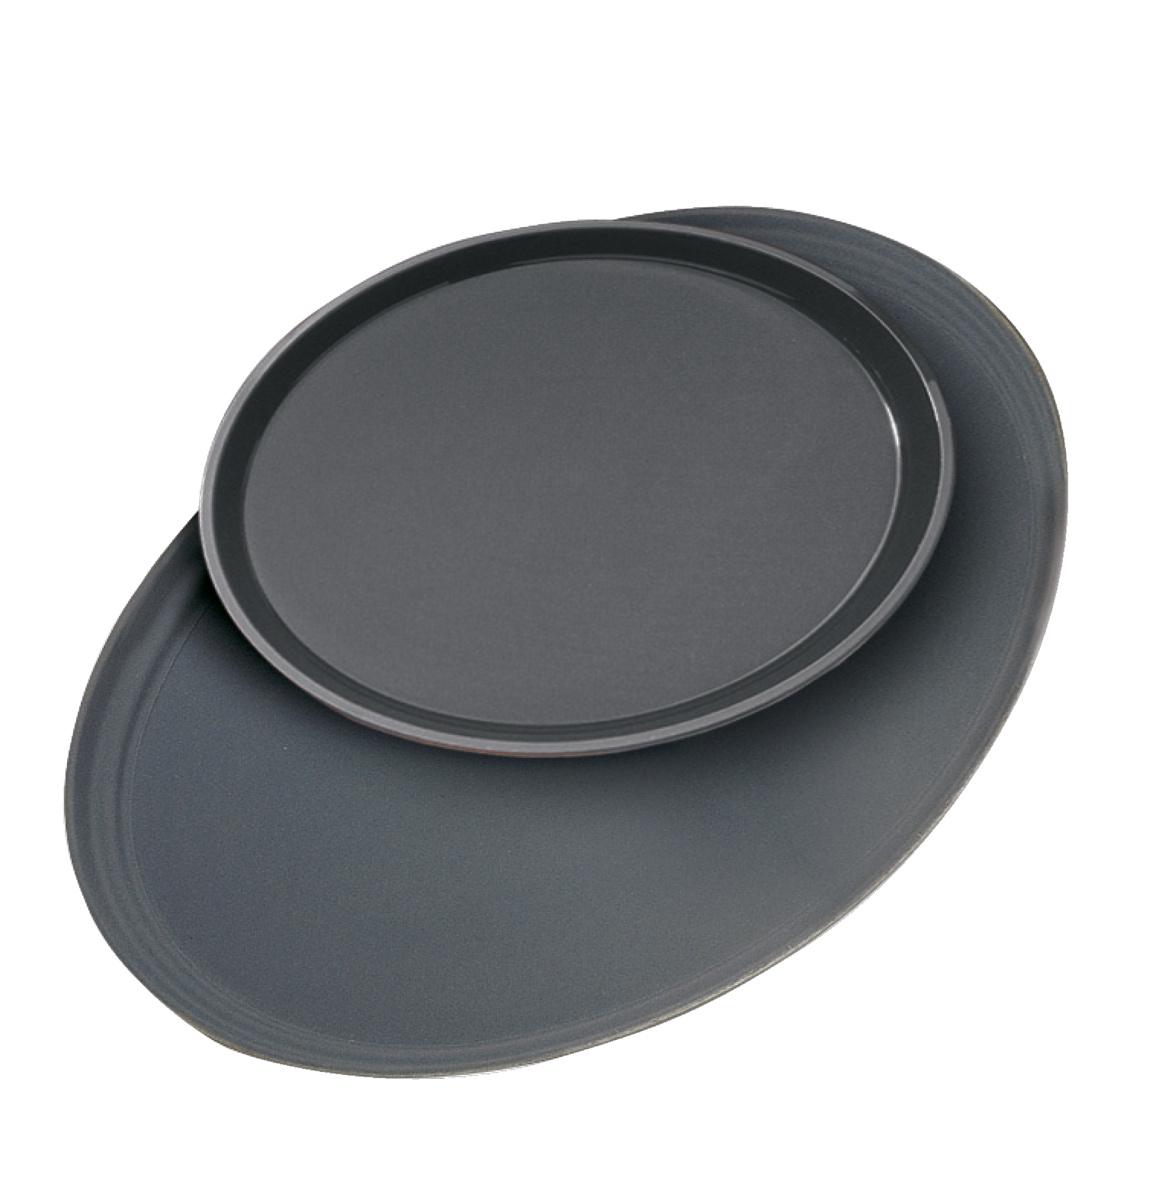 Plateau anti-dérapant rond noir fibre de verre bord droit Camtread Cambro